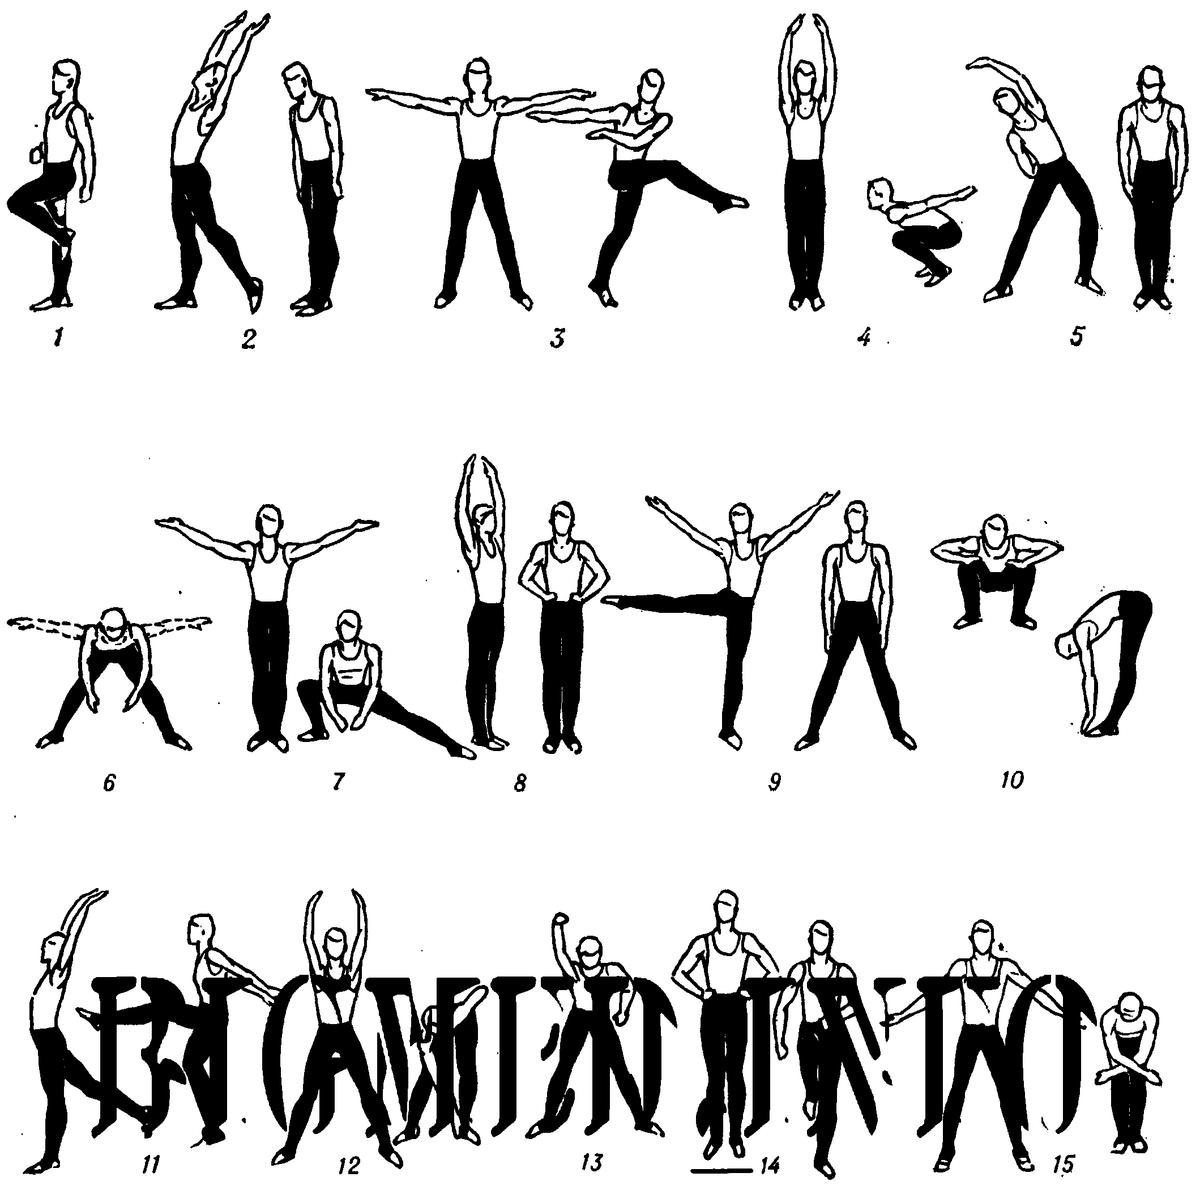 строительство гимнастика в обычных картинках где